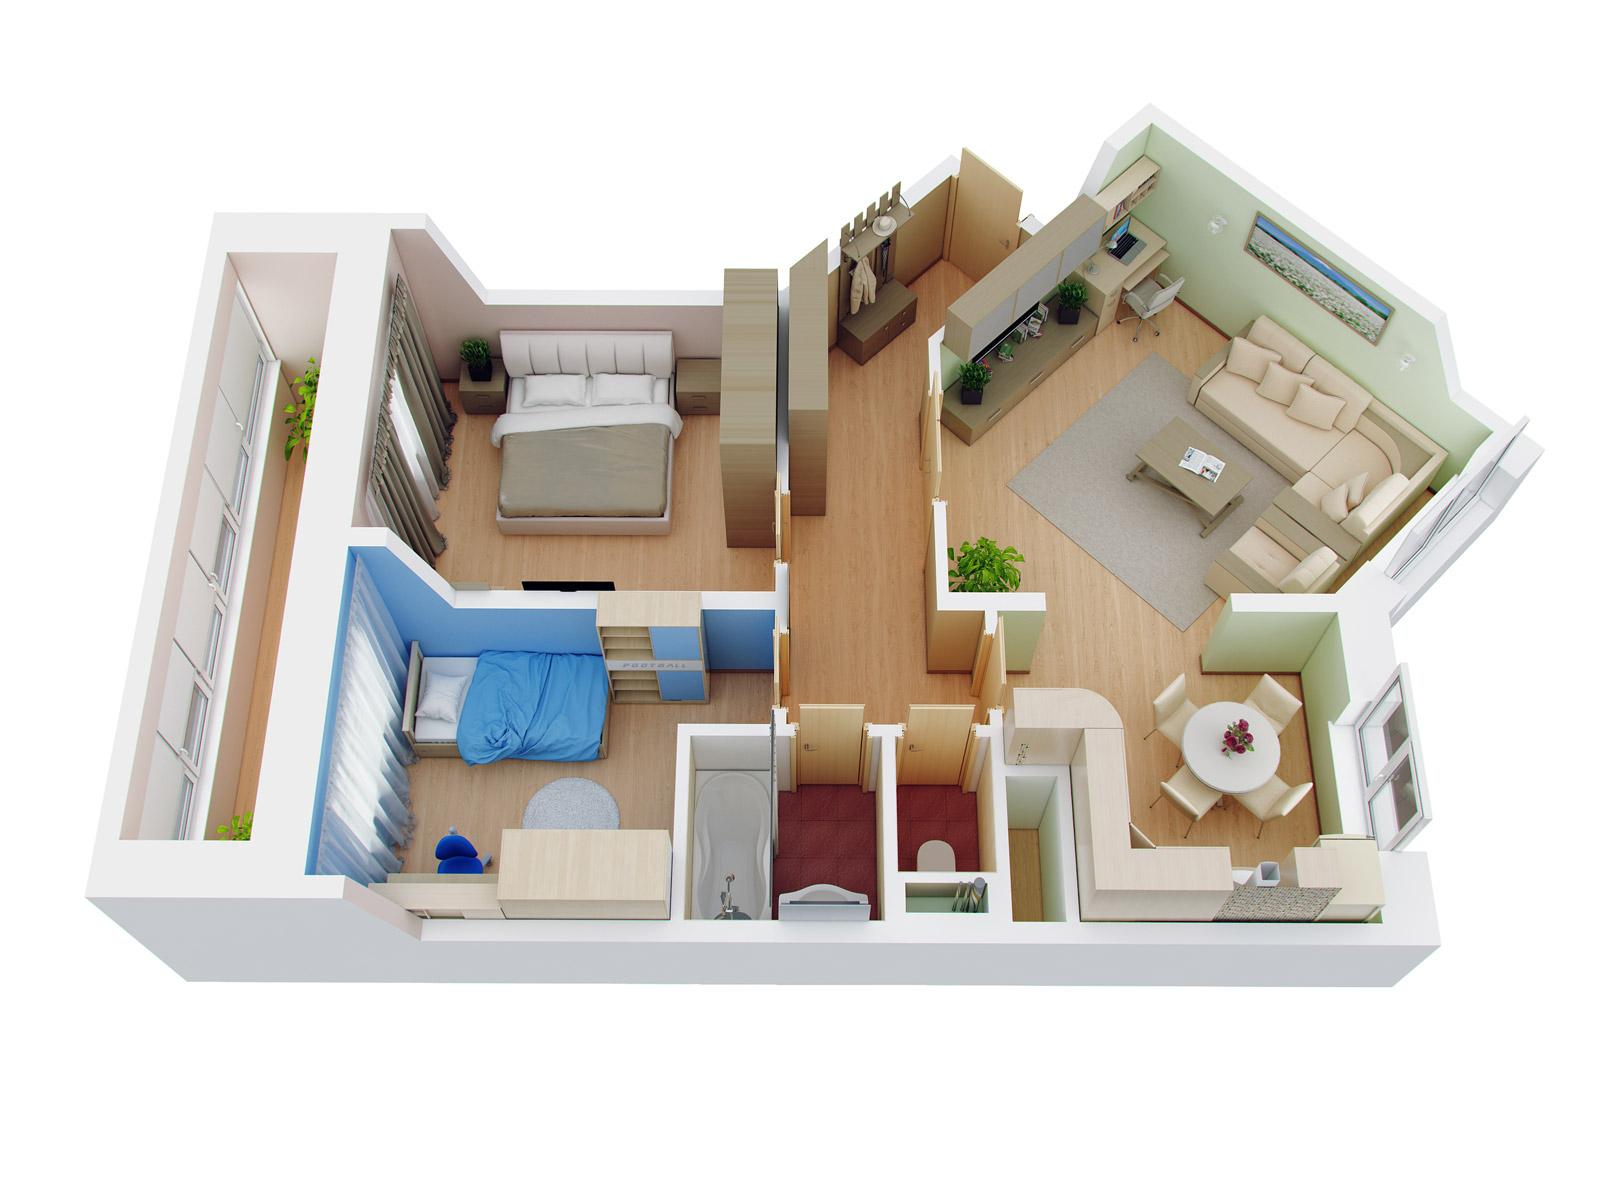 Дизайн однокомнатной квартиры 46 кв.м от орелстроя